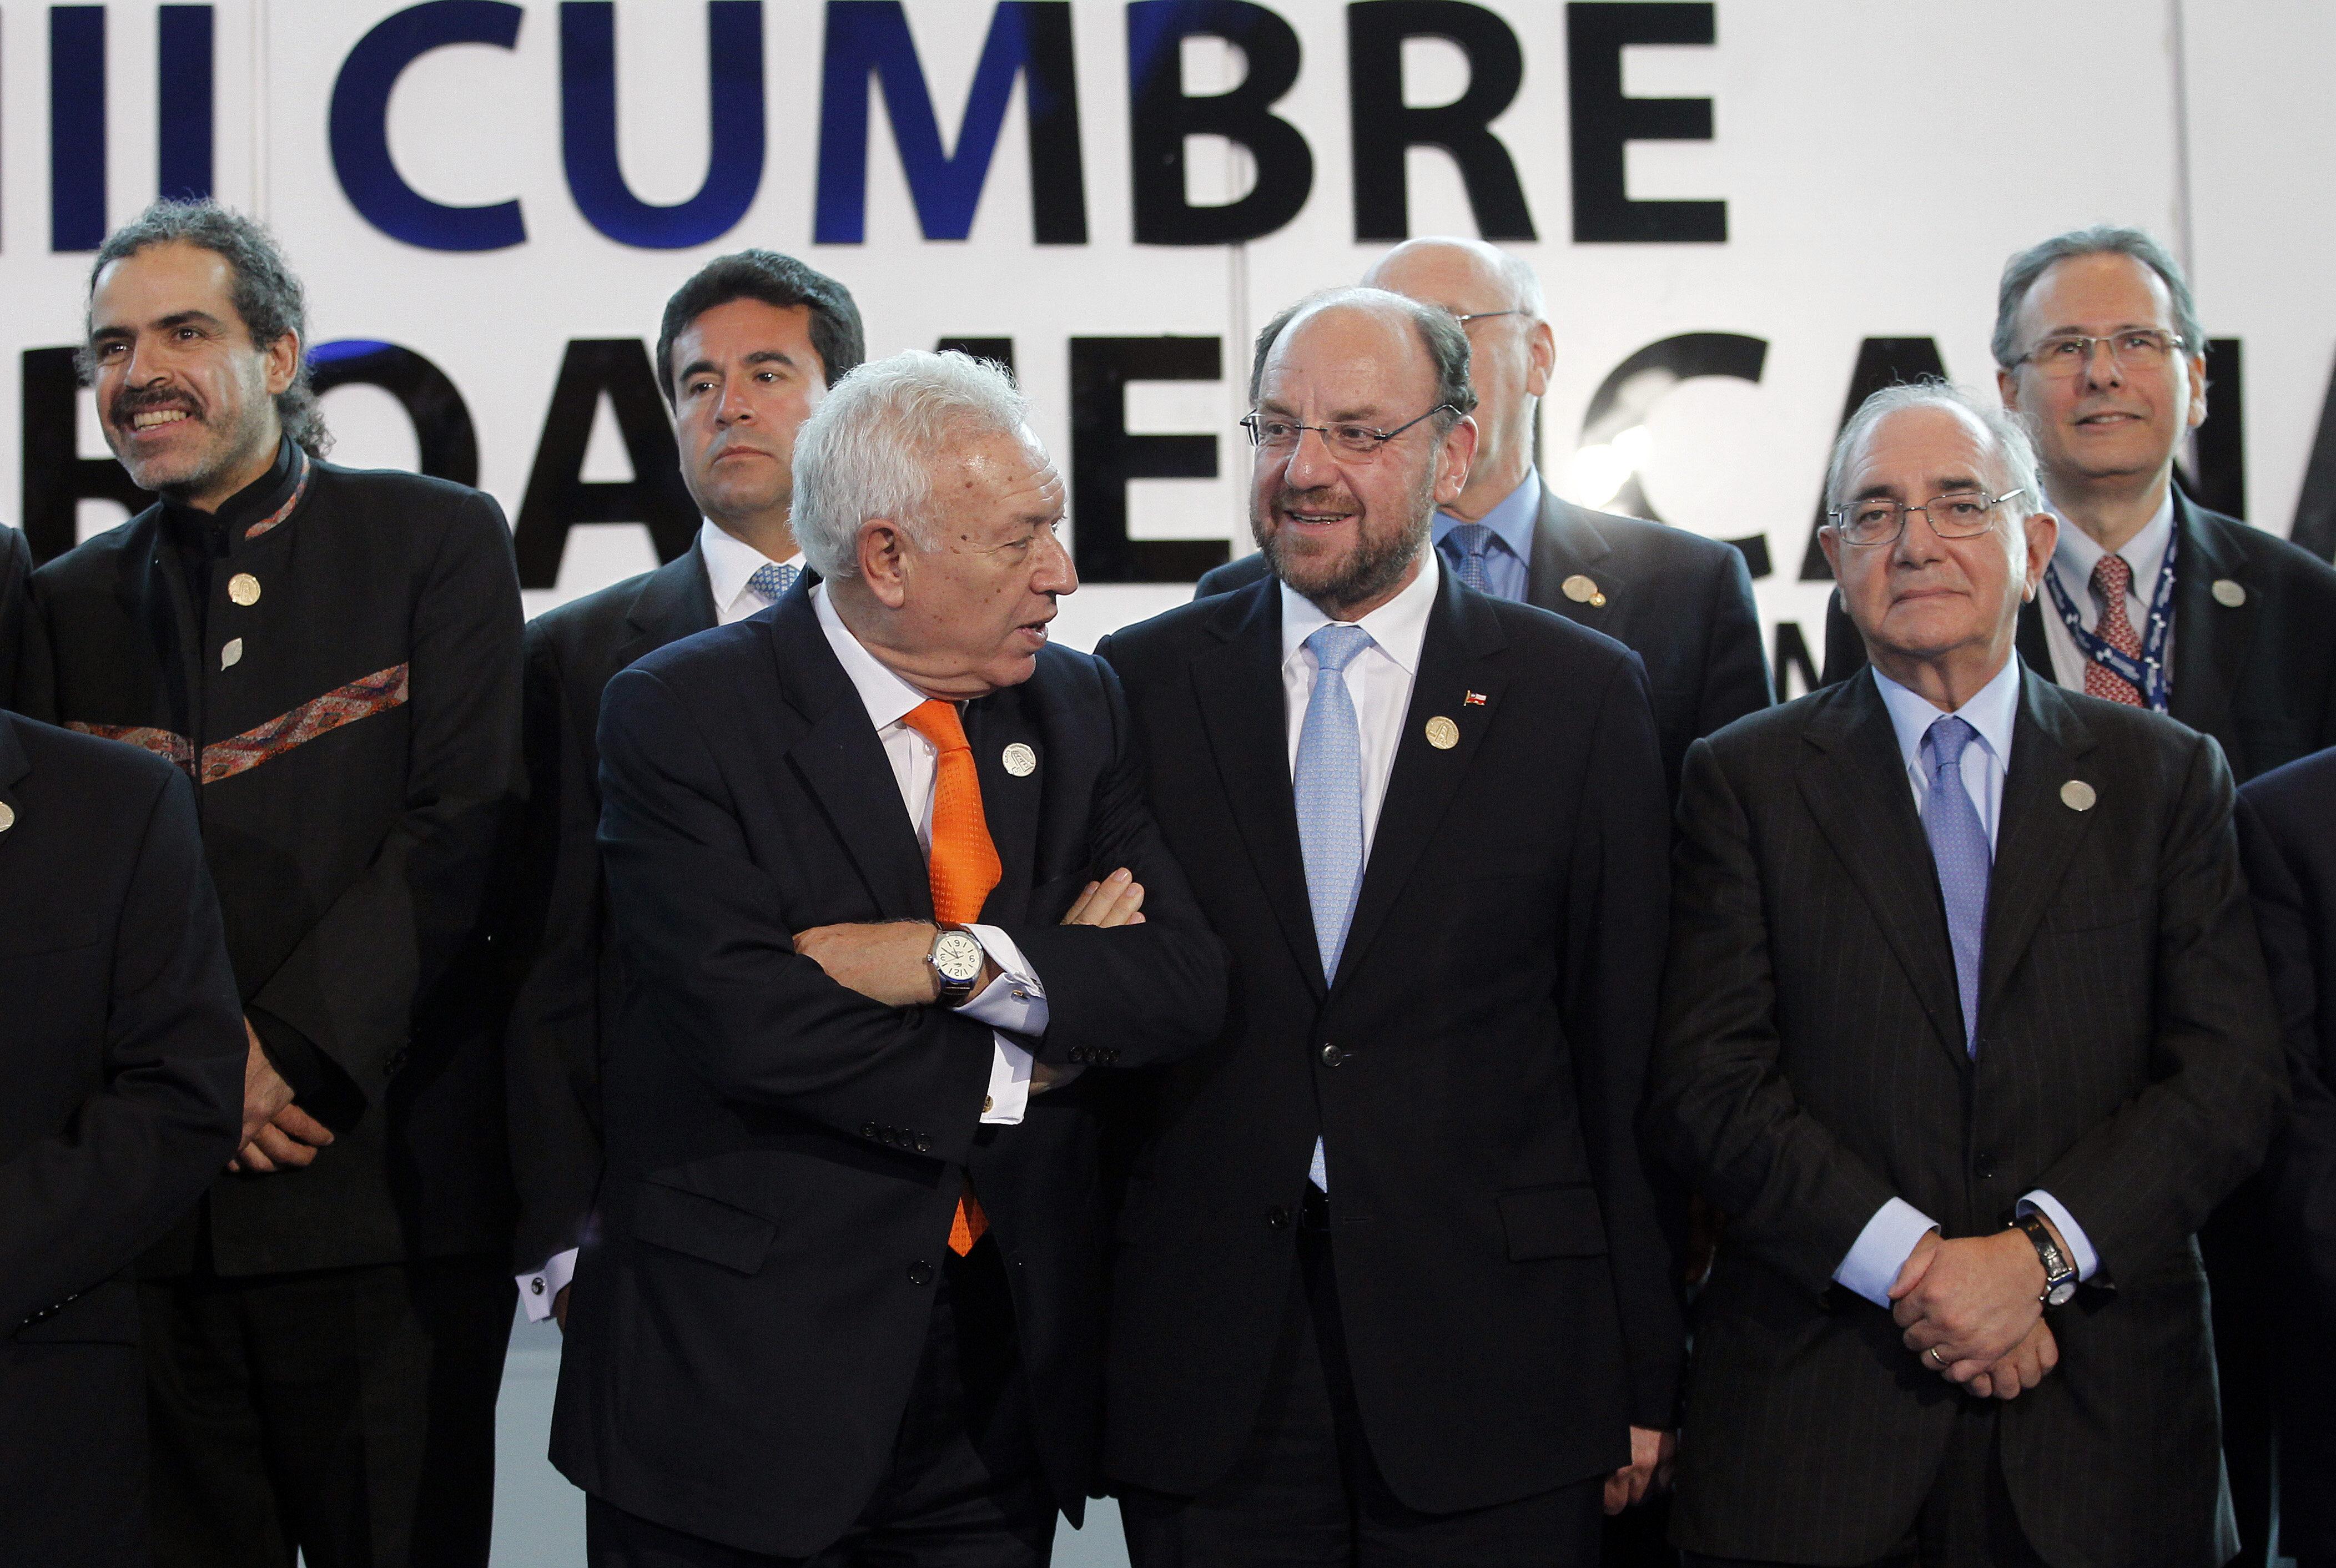 El canciller chileno cree que la «renovación» dará más progreso a Iberoamérica